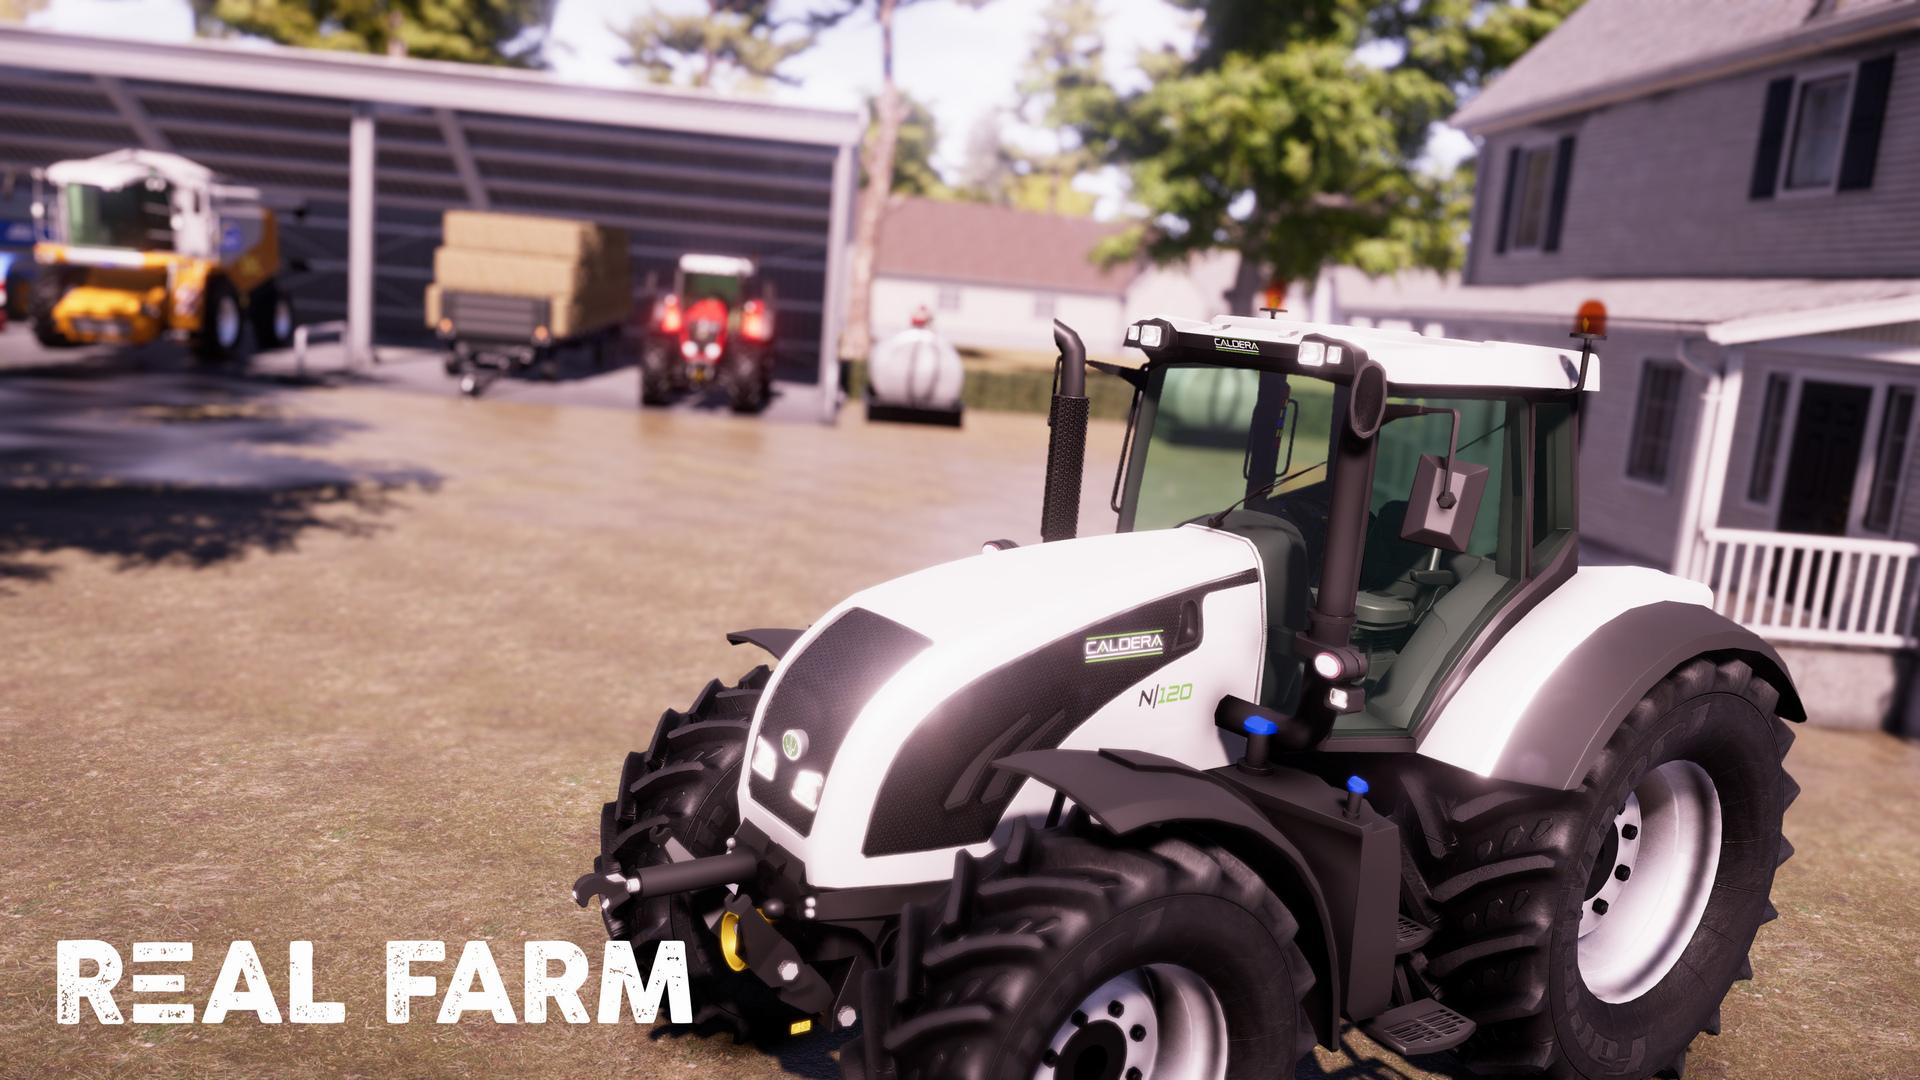 Výzva na venkově v Real Farm 149647